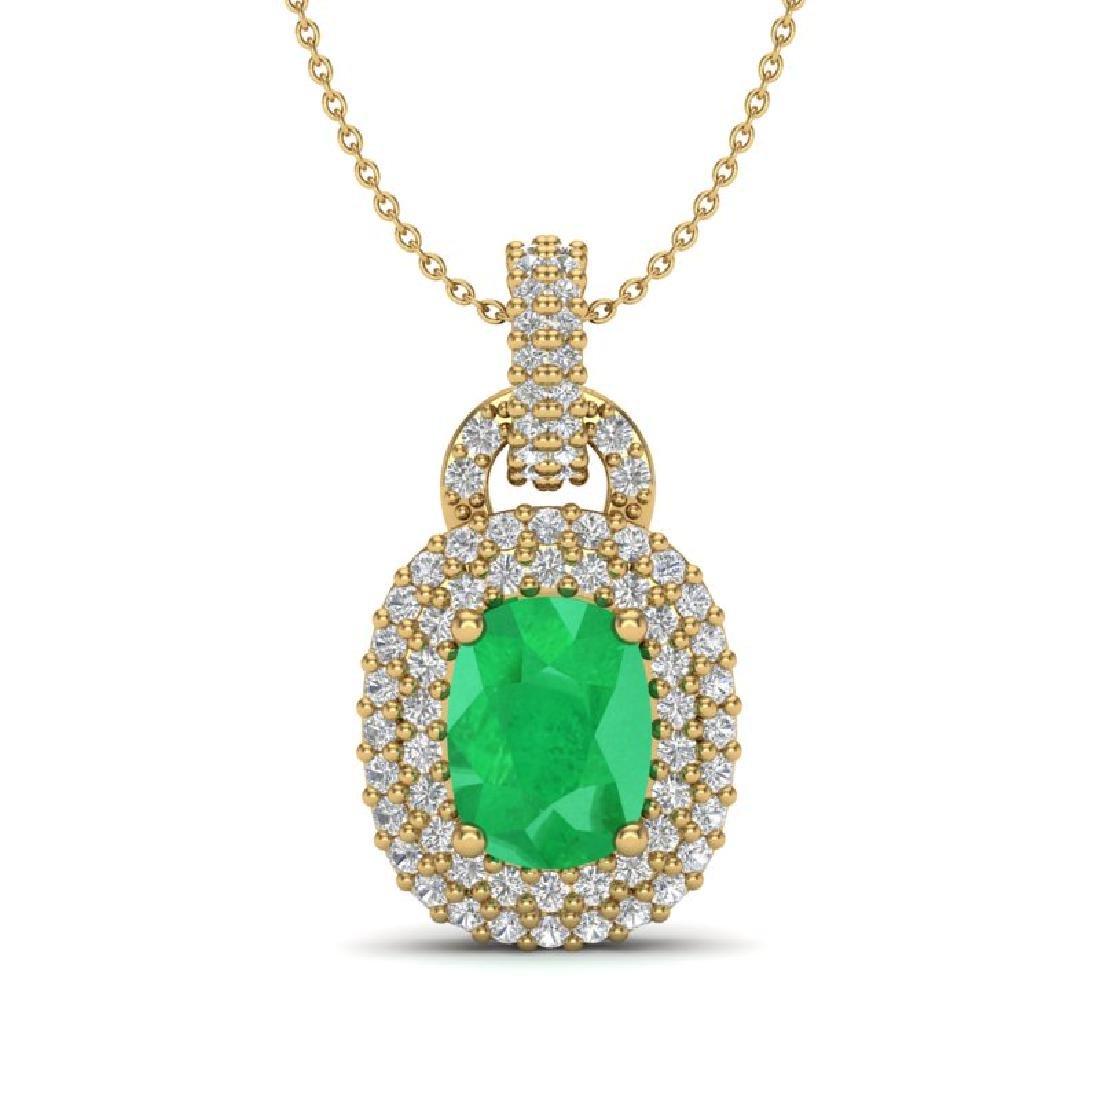 2.50 CTW Emerald & Micro Pave VS/SI Diamond Necklace